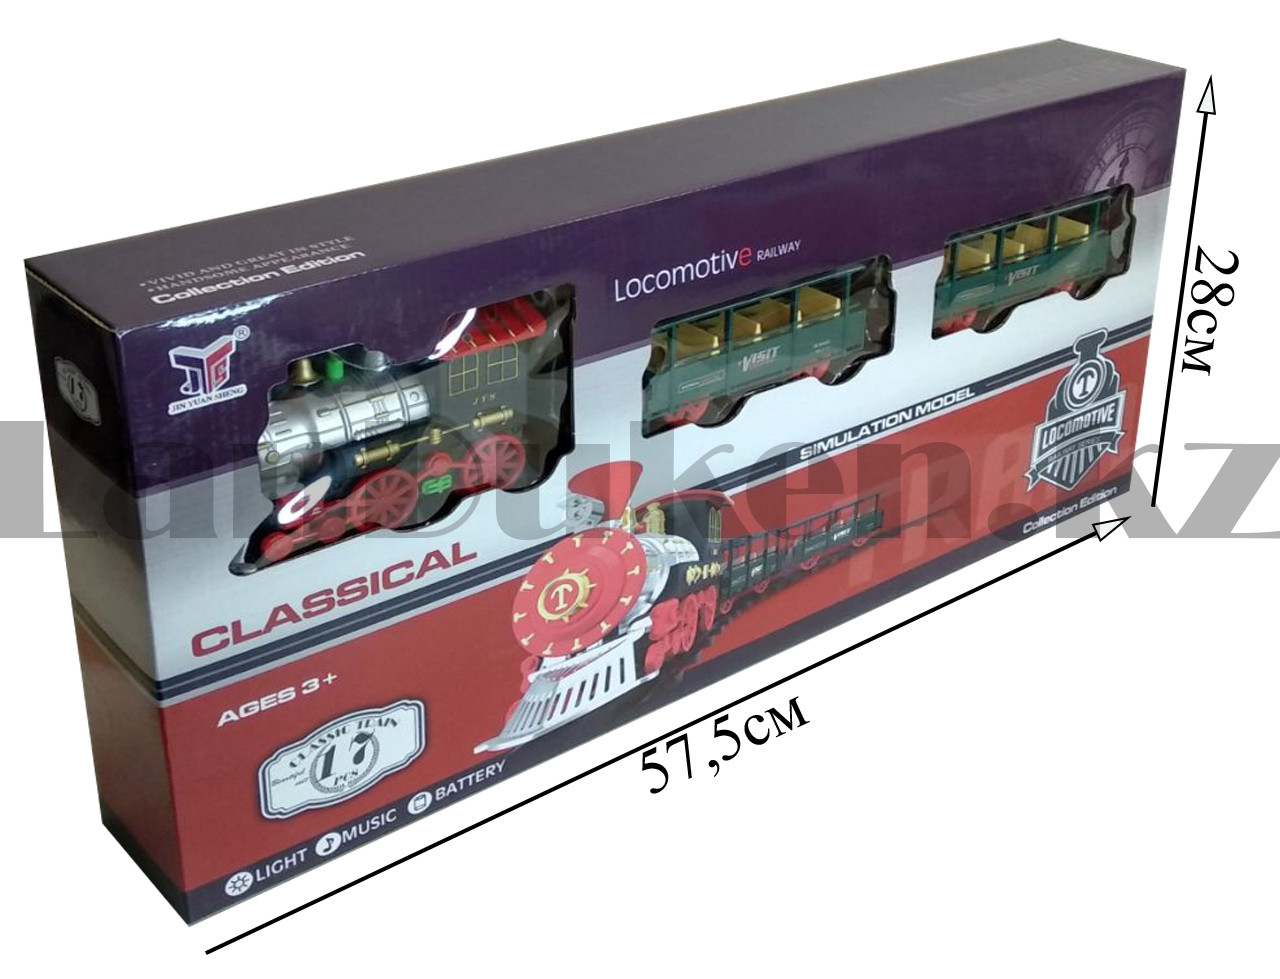 Игрушечный набор железная дорога и поезд со свето-звуковым сопровождением на 17 деталей Locomotive RailWay - фото 2